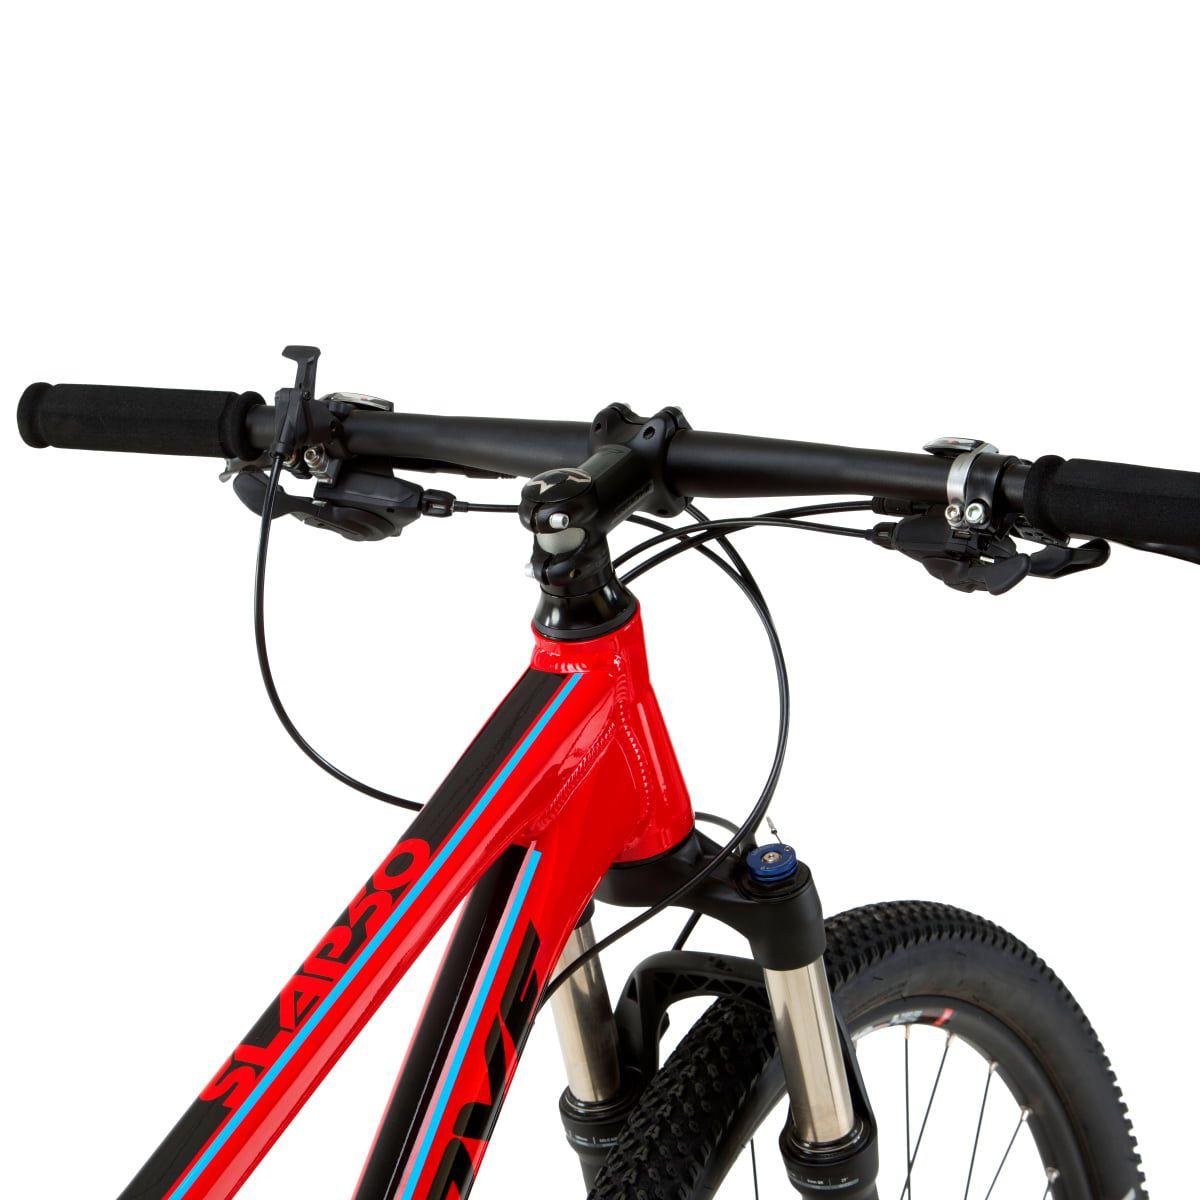 Bicicleta Groove Slap 50 2018 Full Shimano XT/SLX Rock Shox